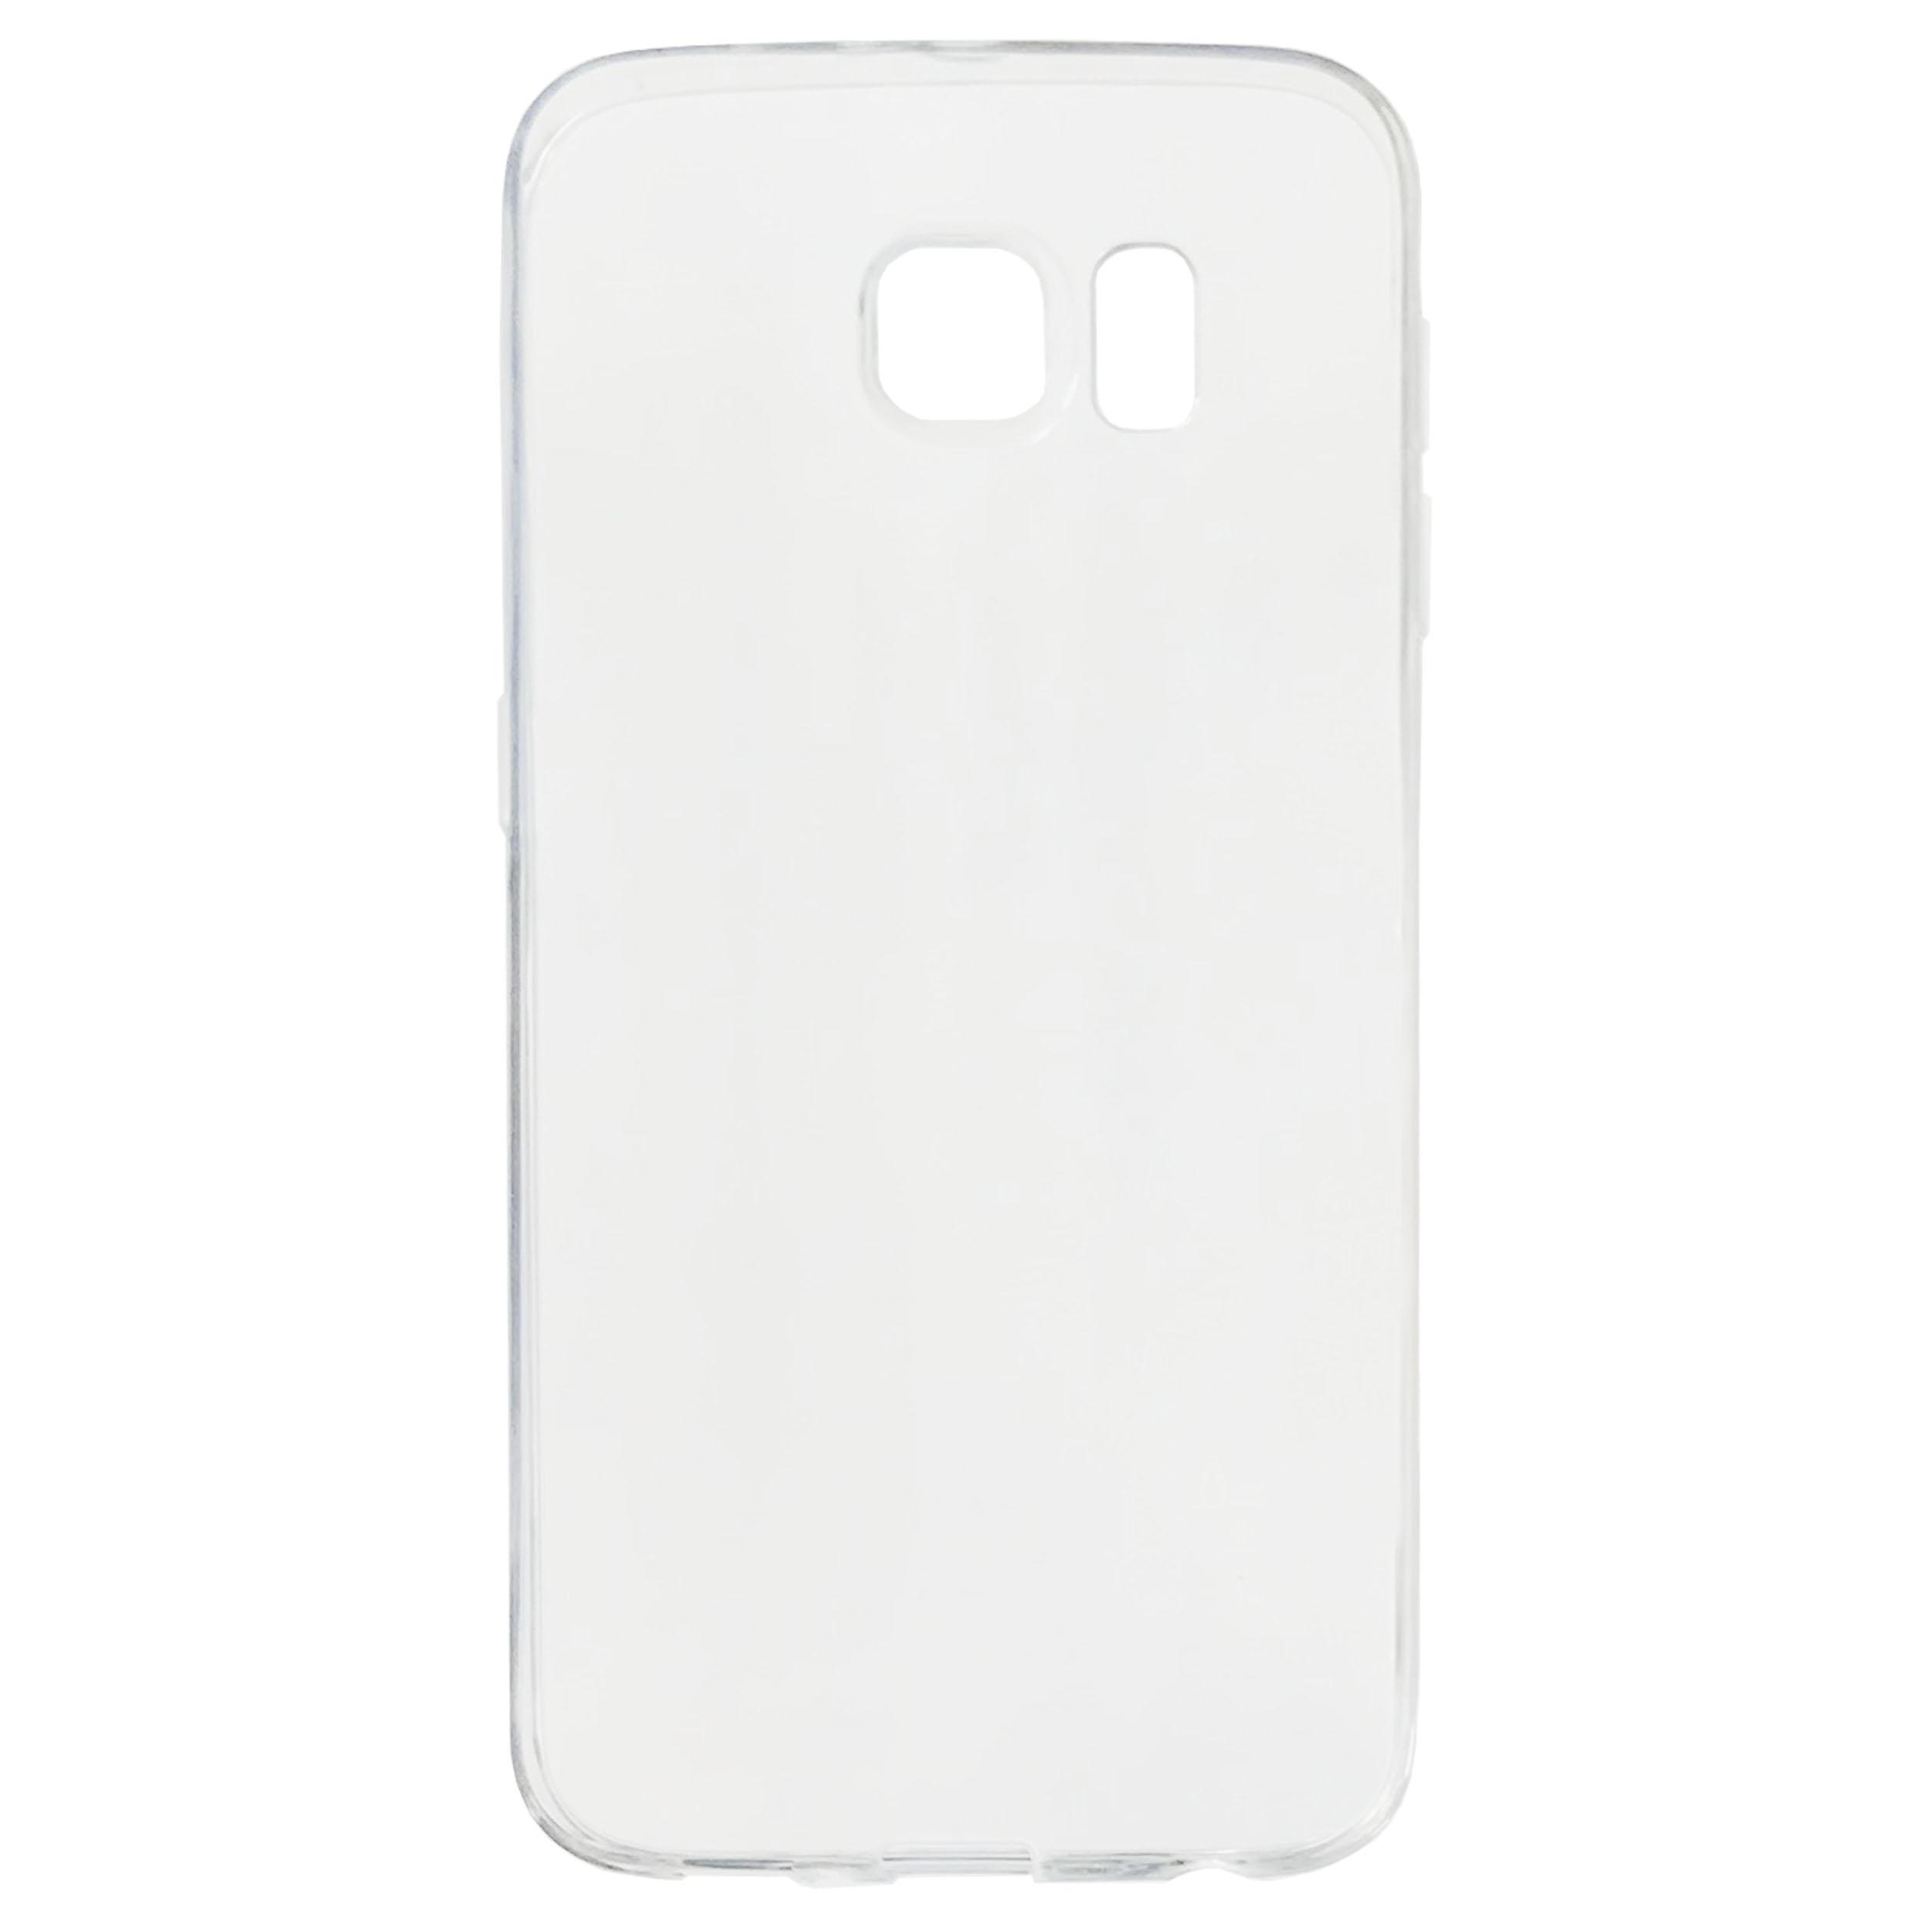 کاور ام تی چهار مدل AS116011001-2 مناسب برای گوشی موبایل سامسونگ Galaxy S6